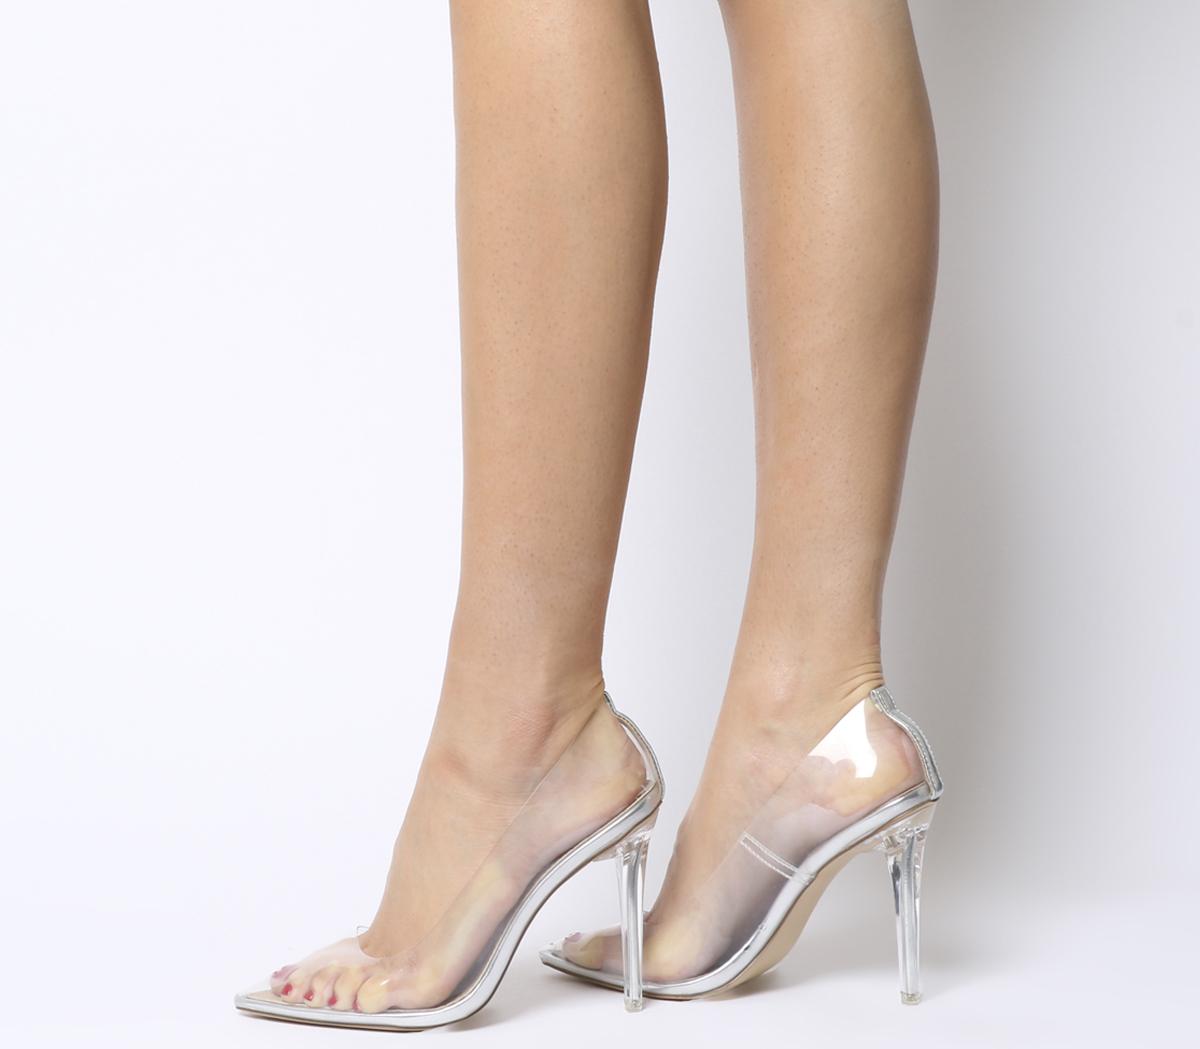 transparente Absatzschuhe tragen Modetipps